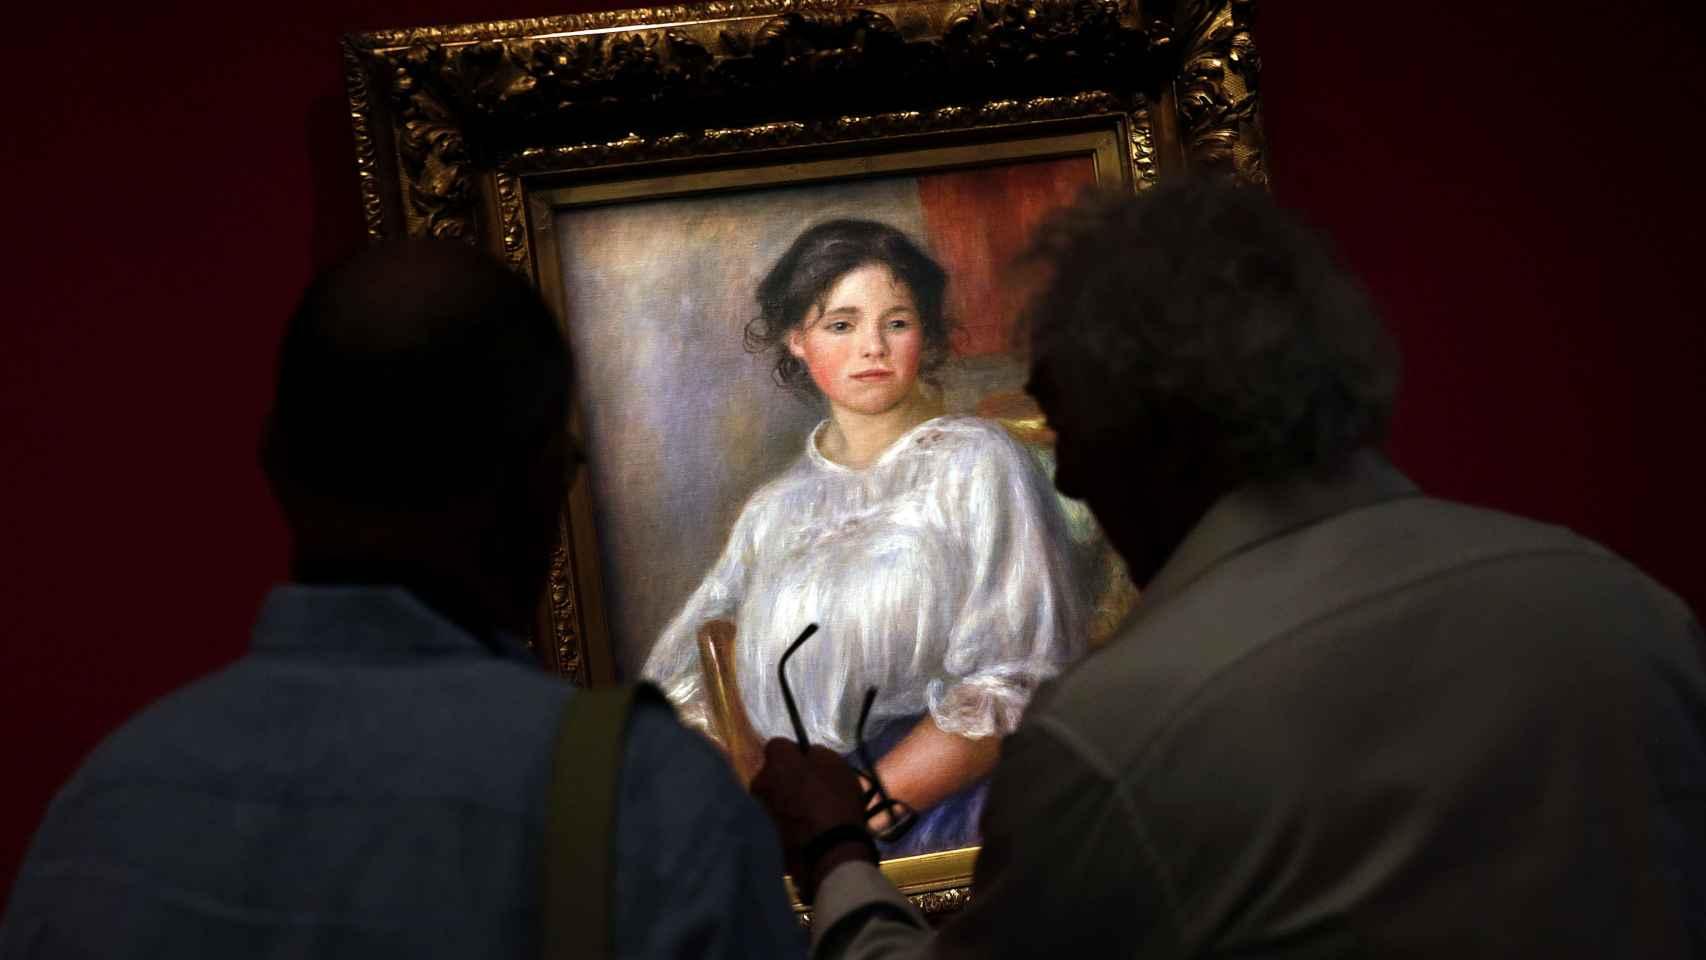 Dos hombres observan la obra Jeune fille assise (1909), de Auguste Renoir.